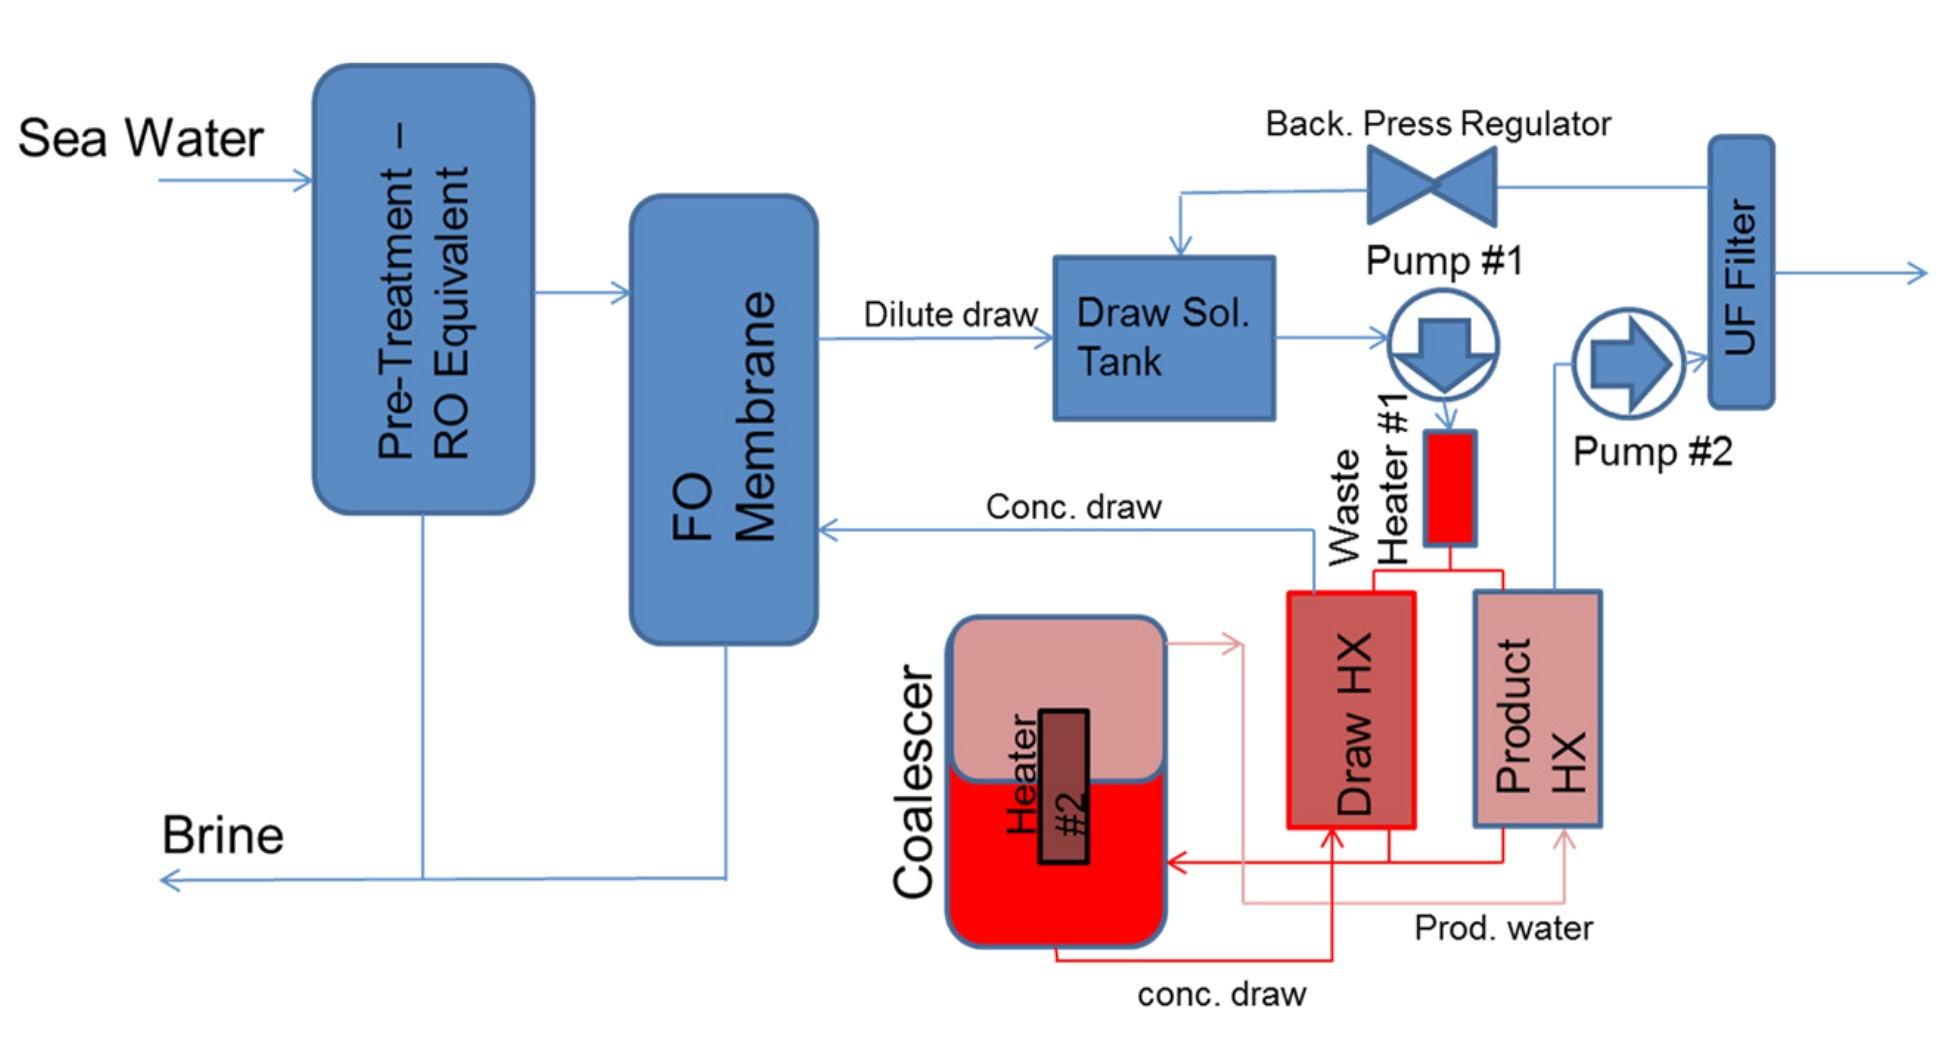 Forward osmosis process description